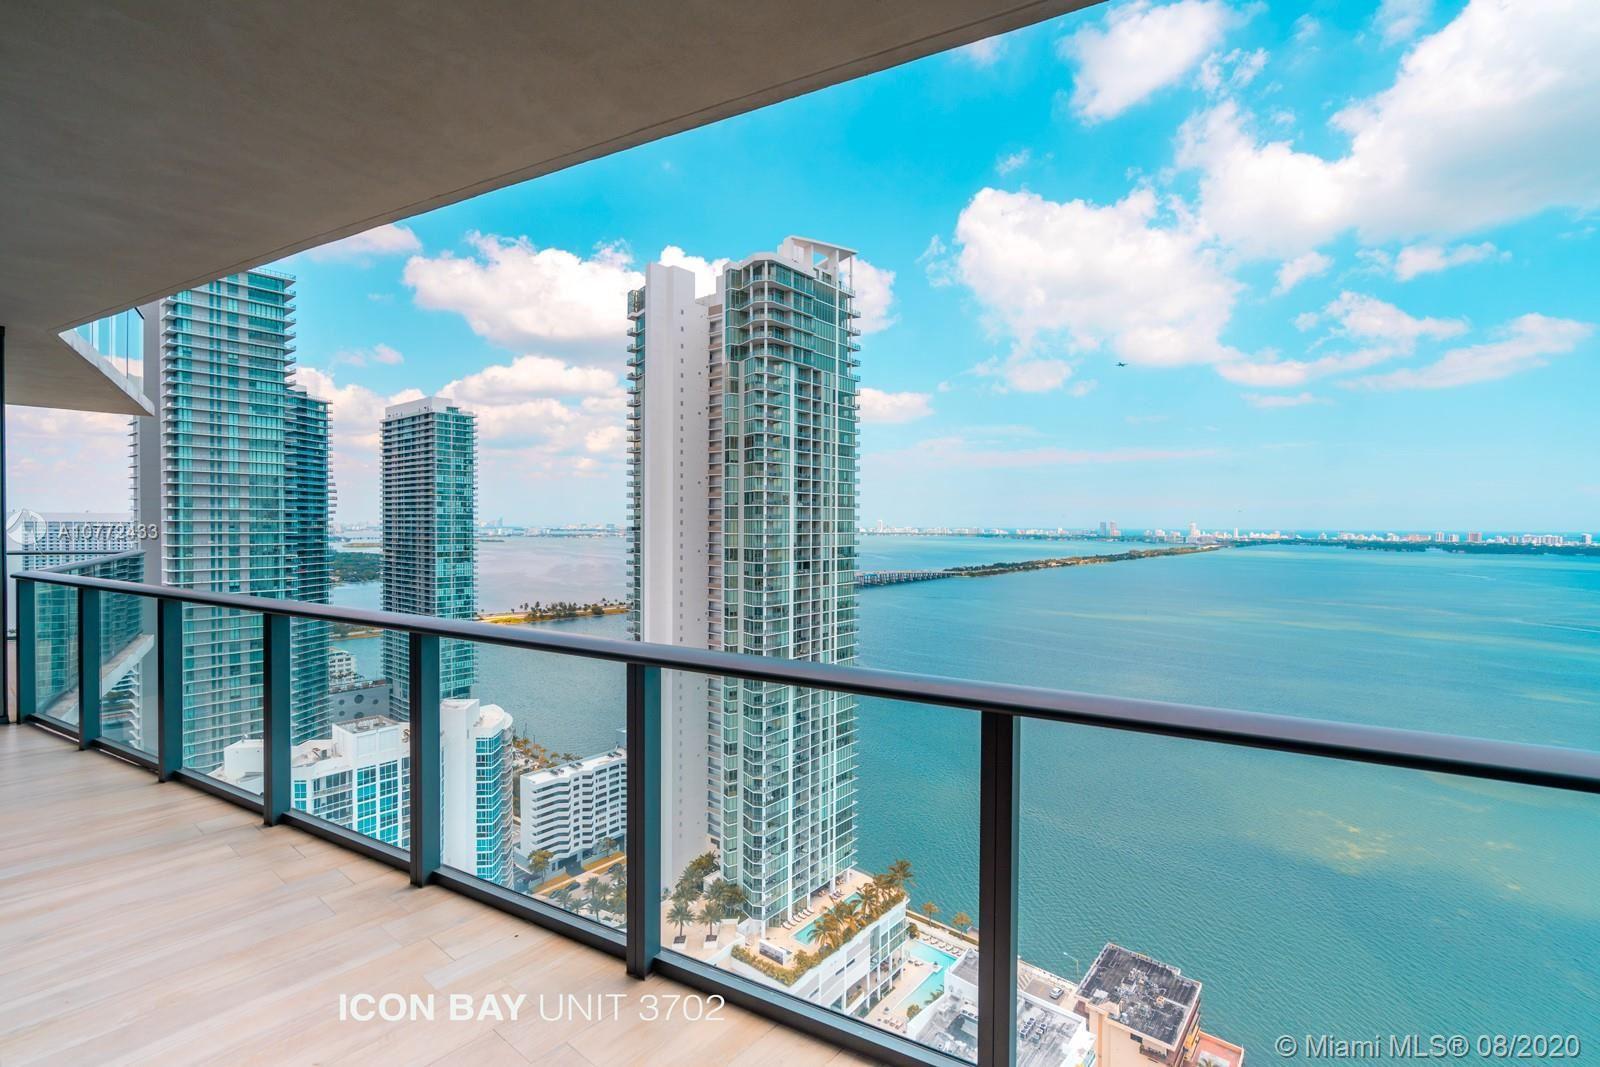 460 NE 28th St #3702, Miami, FL 33137 - MLS#: A10772433